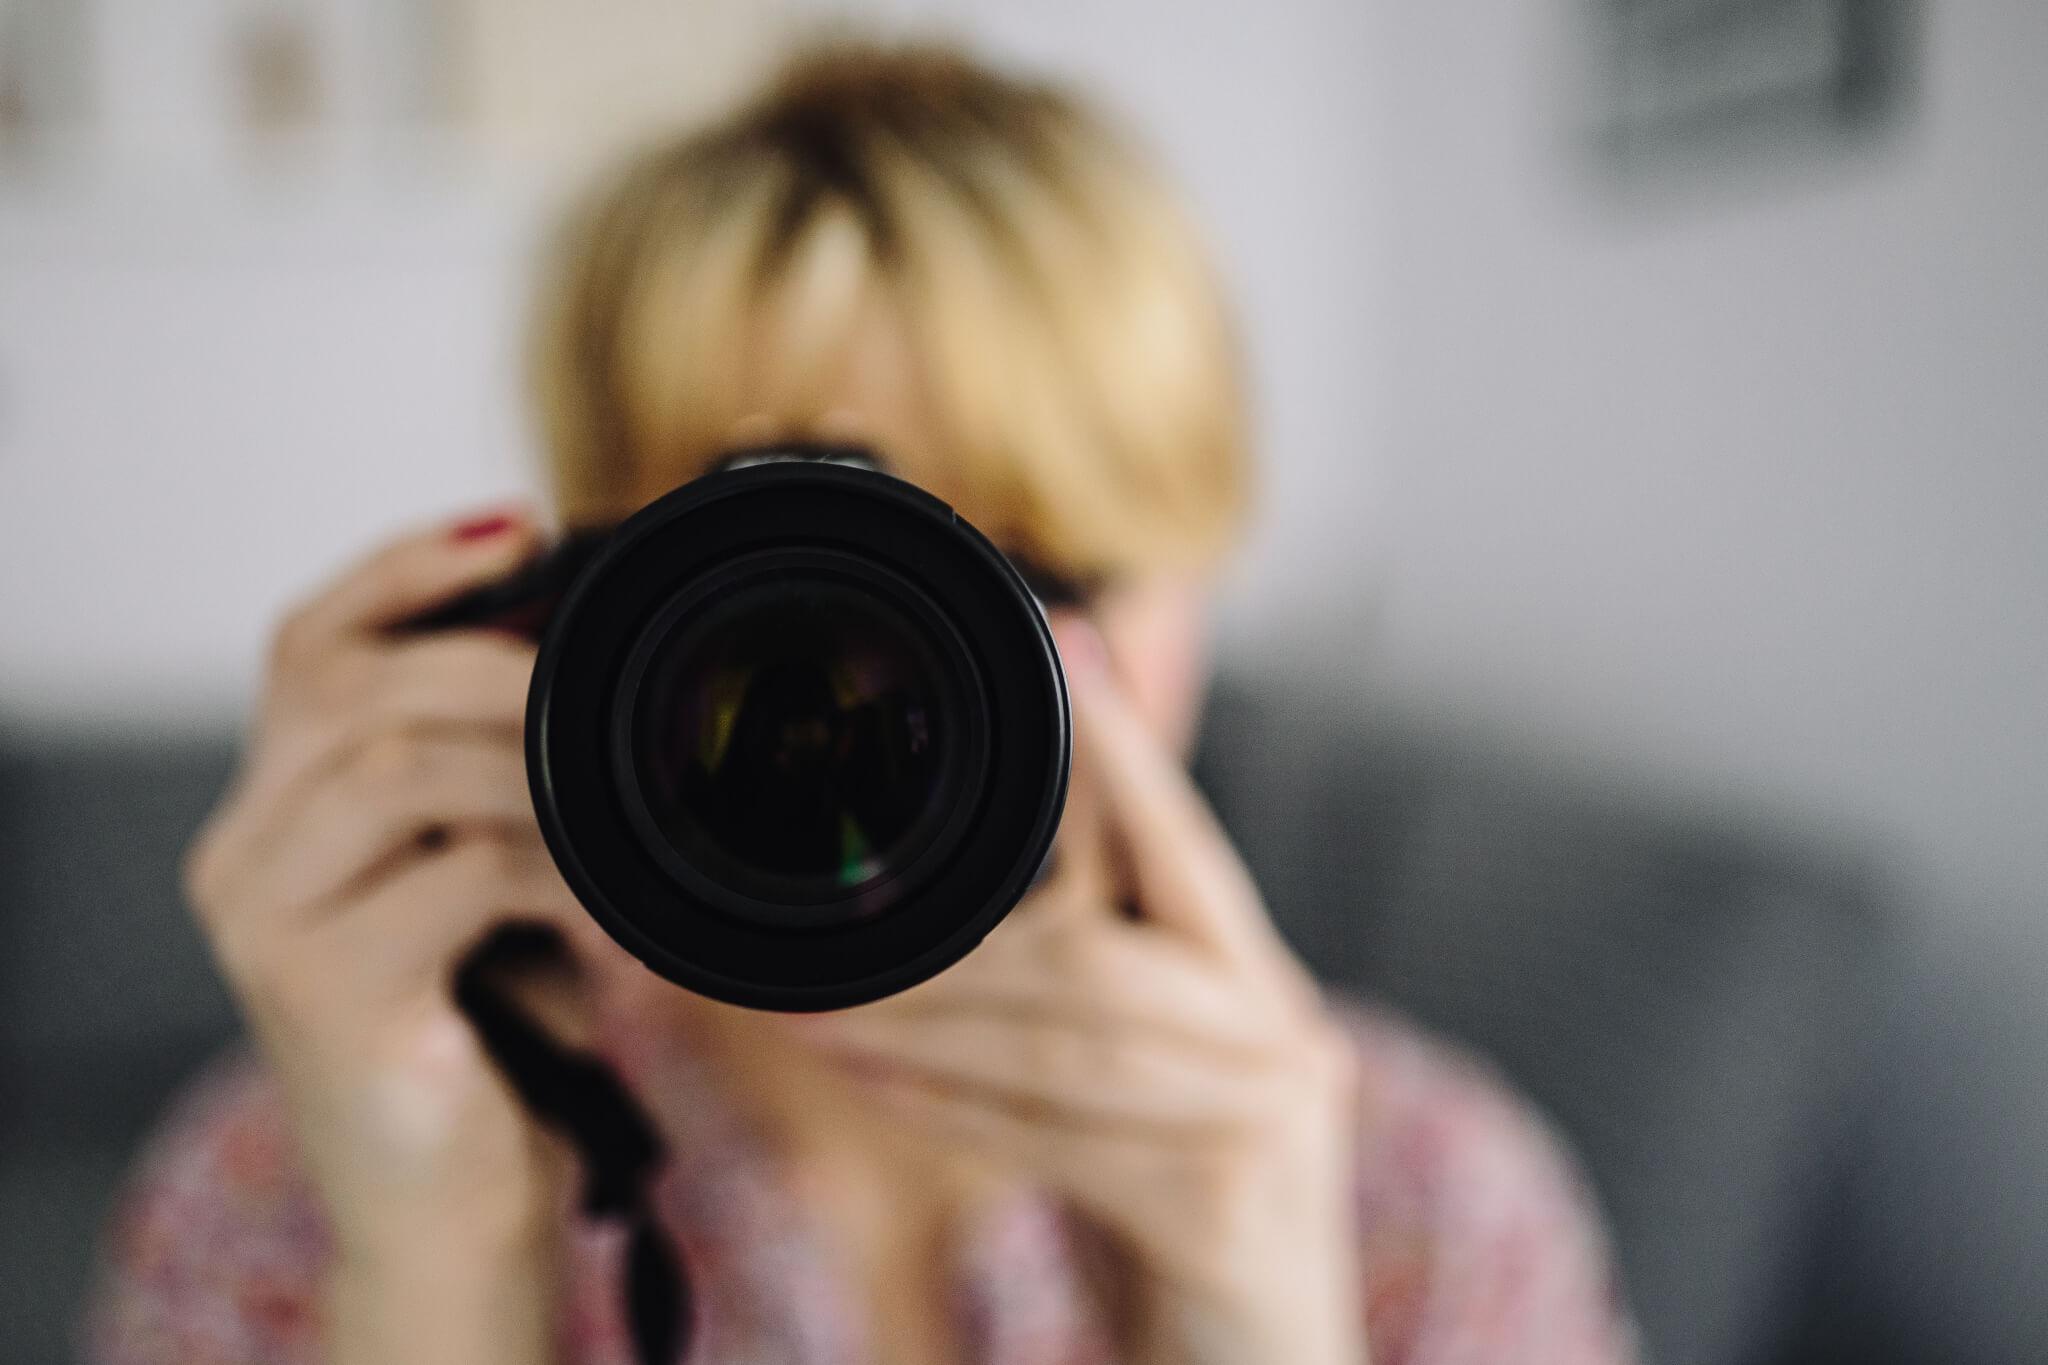 אתרים לתמונות בשימוש חינמי ללא זכויות יוצרים